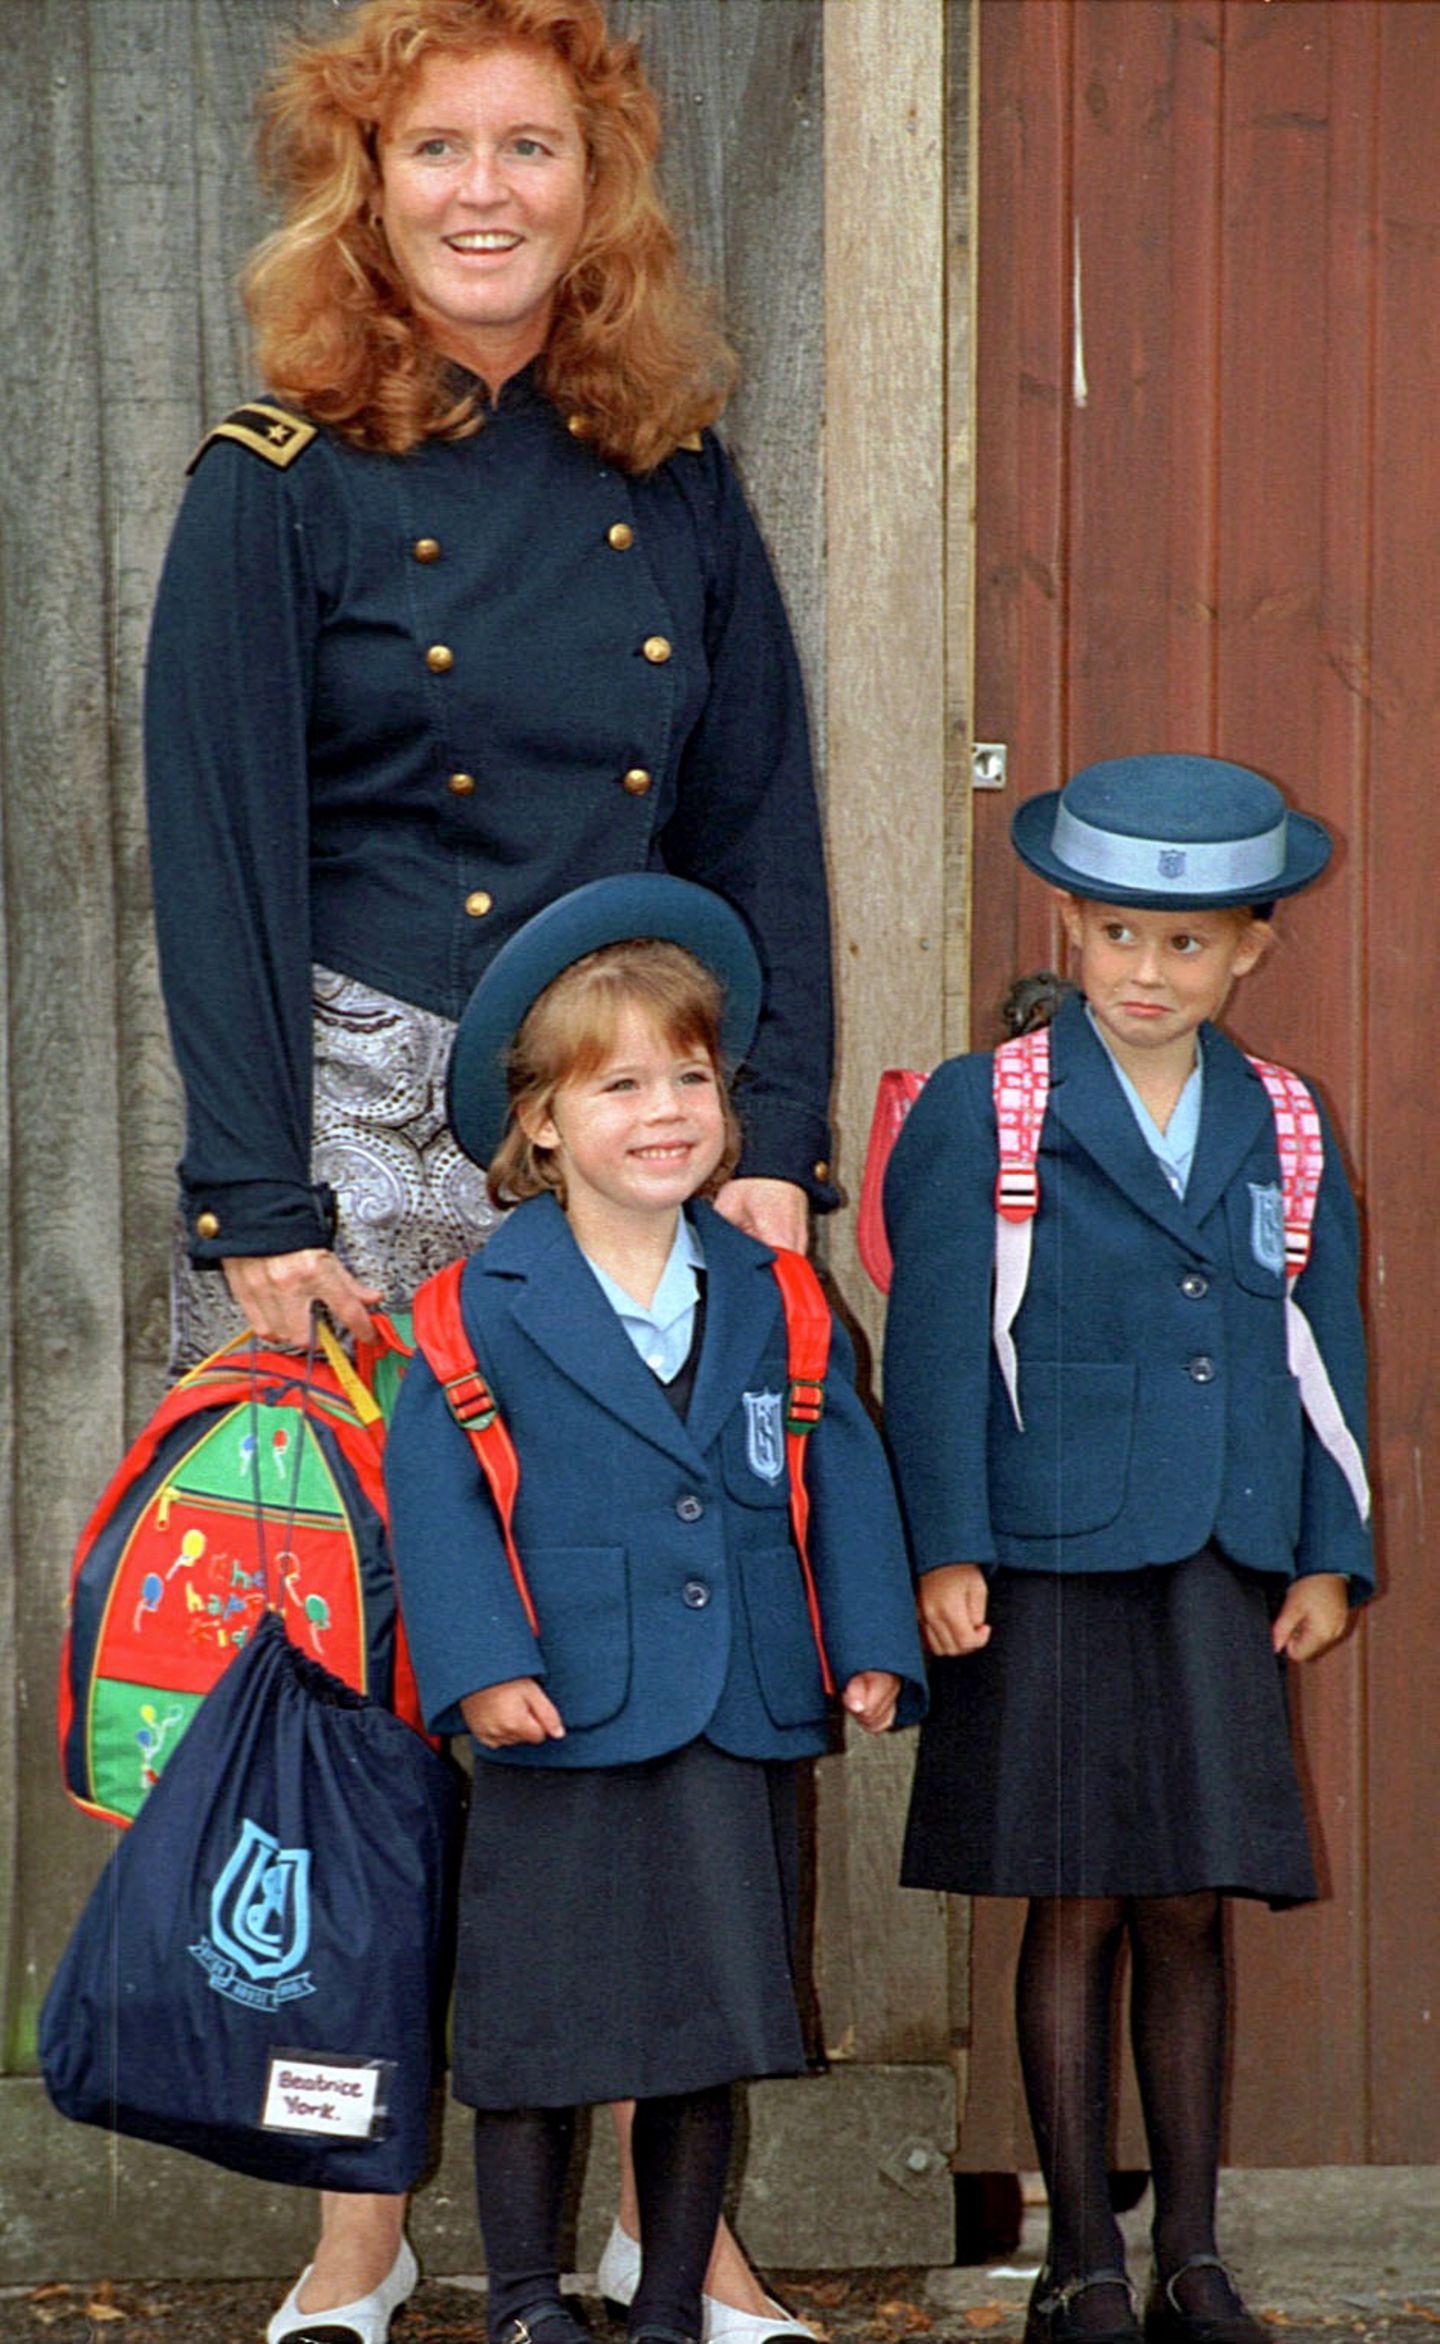 Royals Erster Schultag: Prinzessin Eugenie steht vor ihrer Mutter